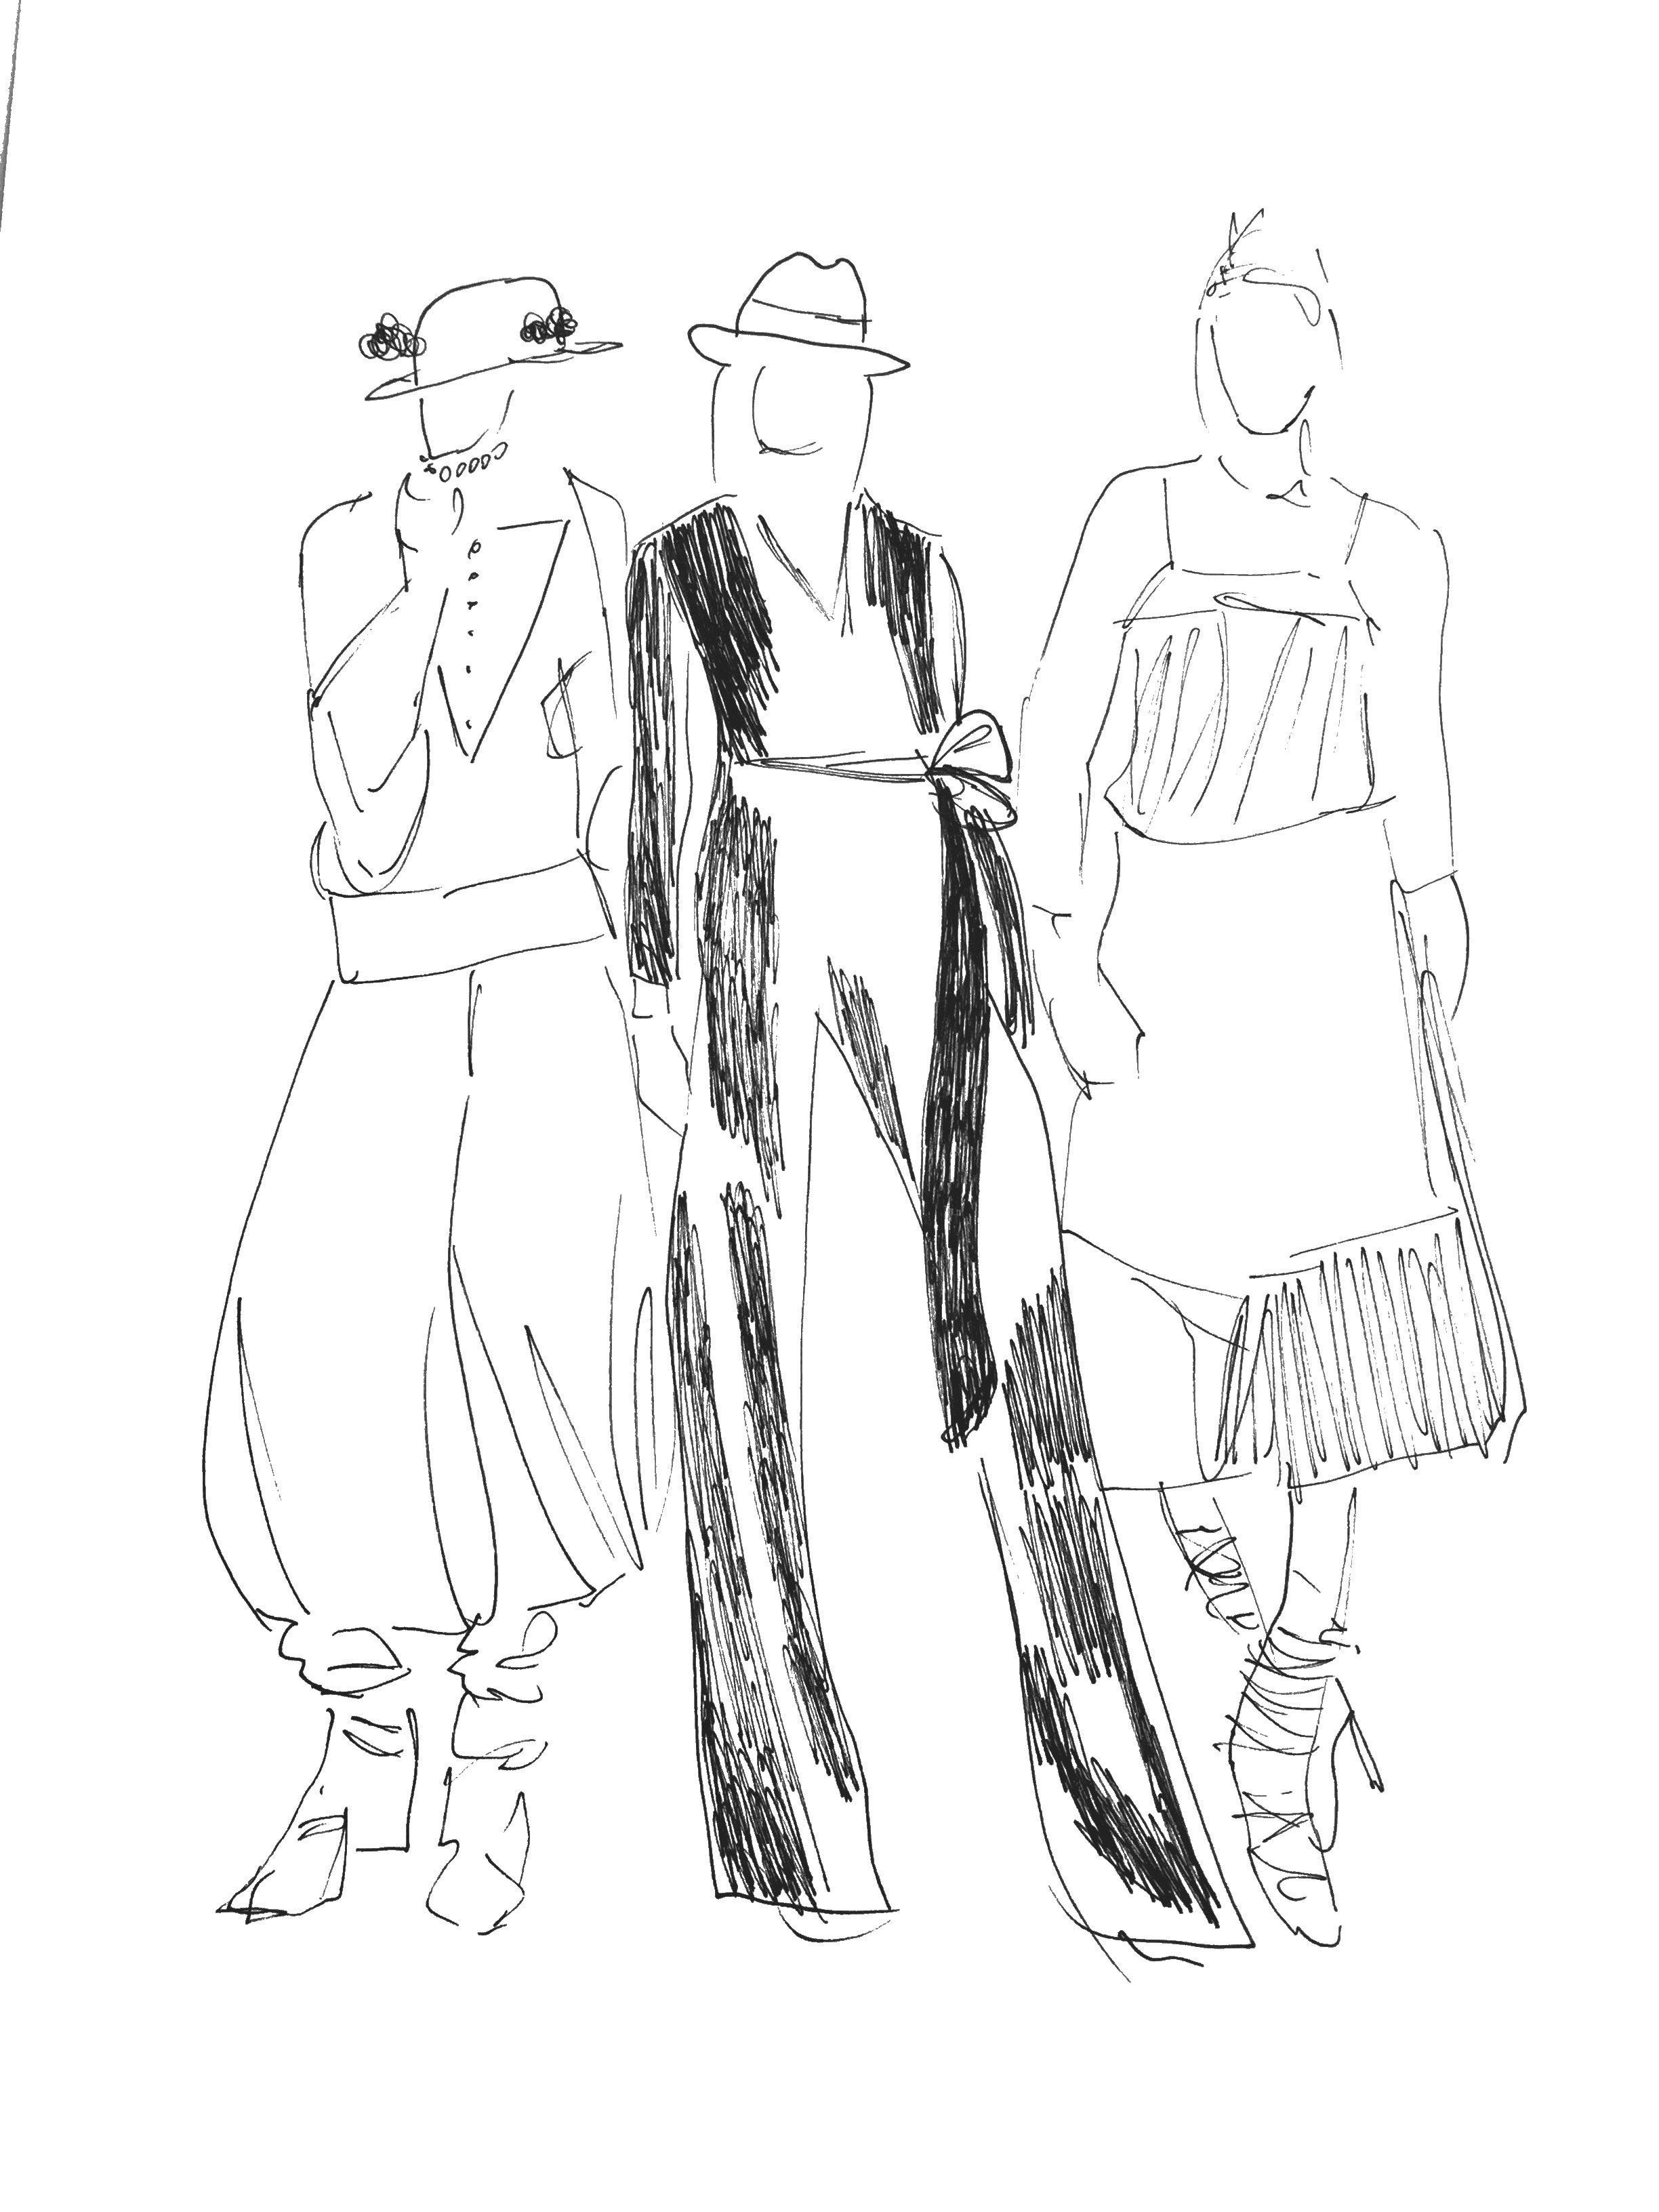 Die Sprache der Kleidung